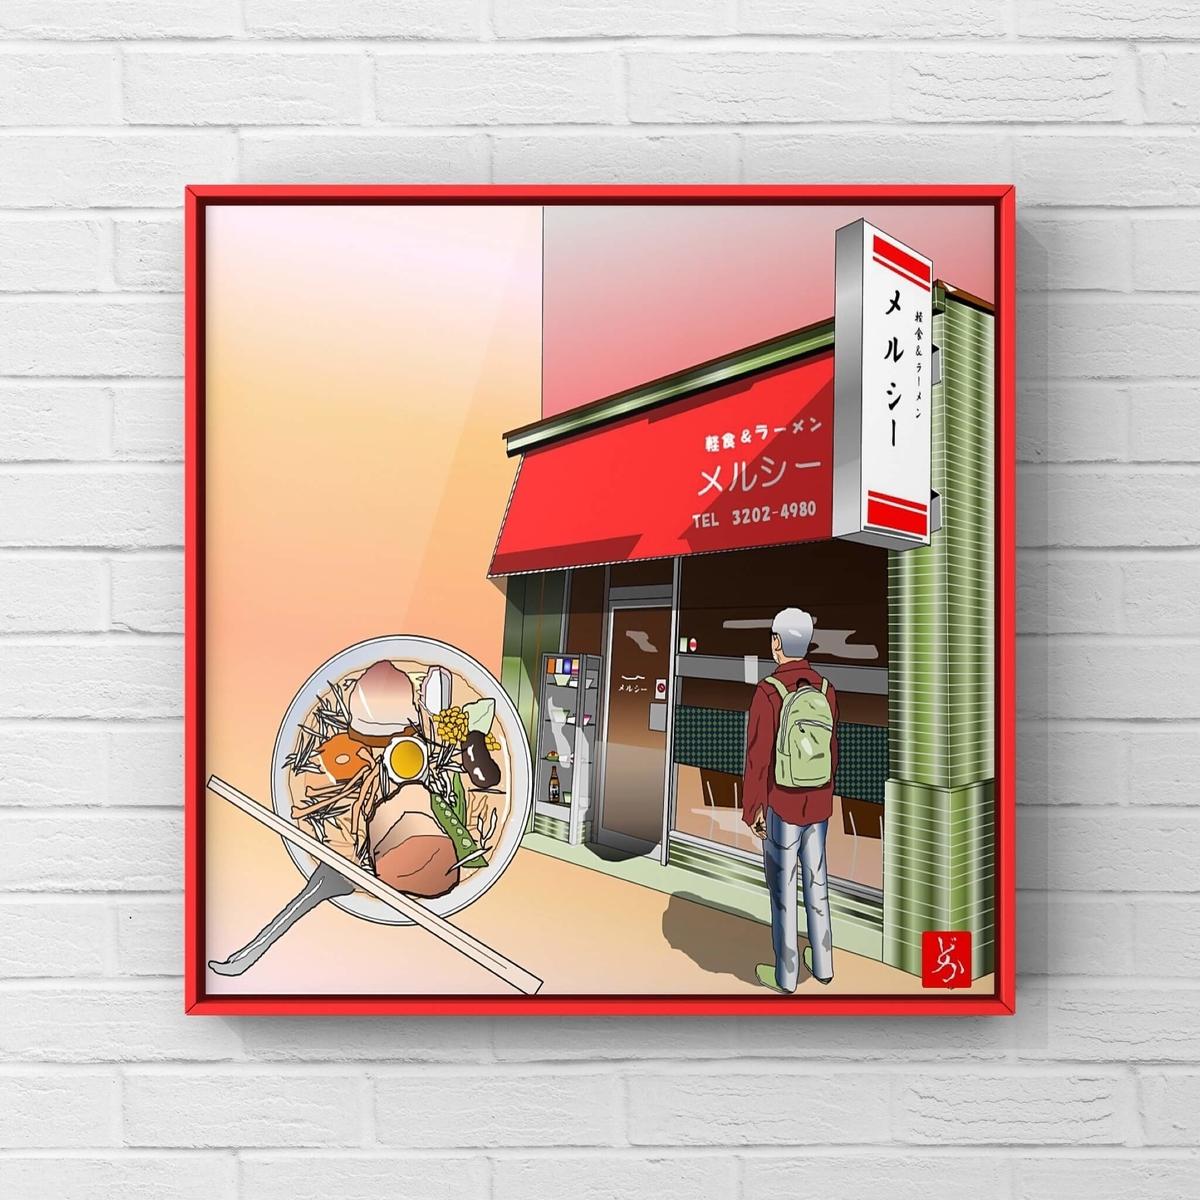 早稲田のメルシーの店舗エクセル画イラスト額装版